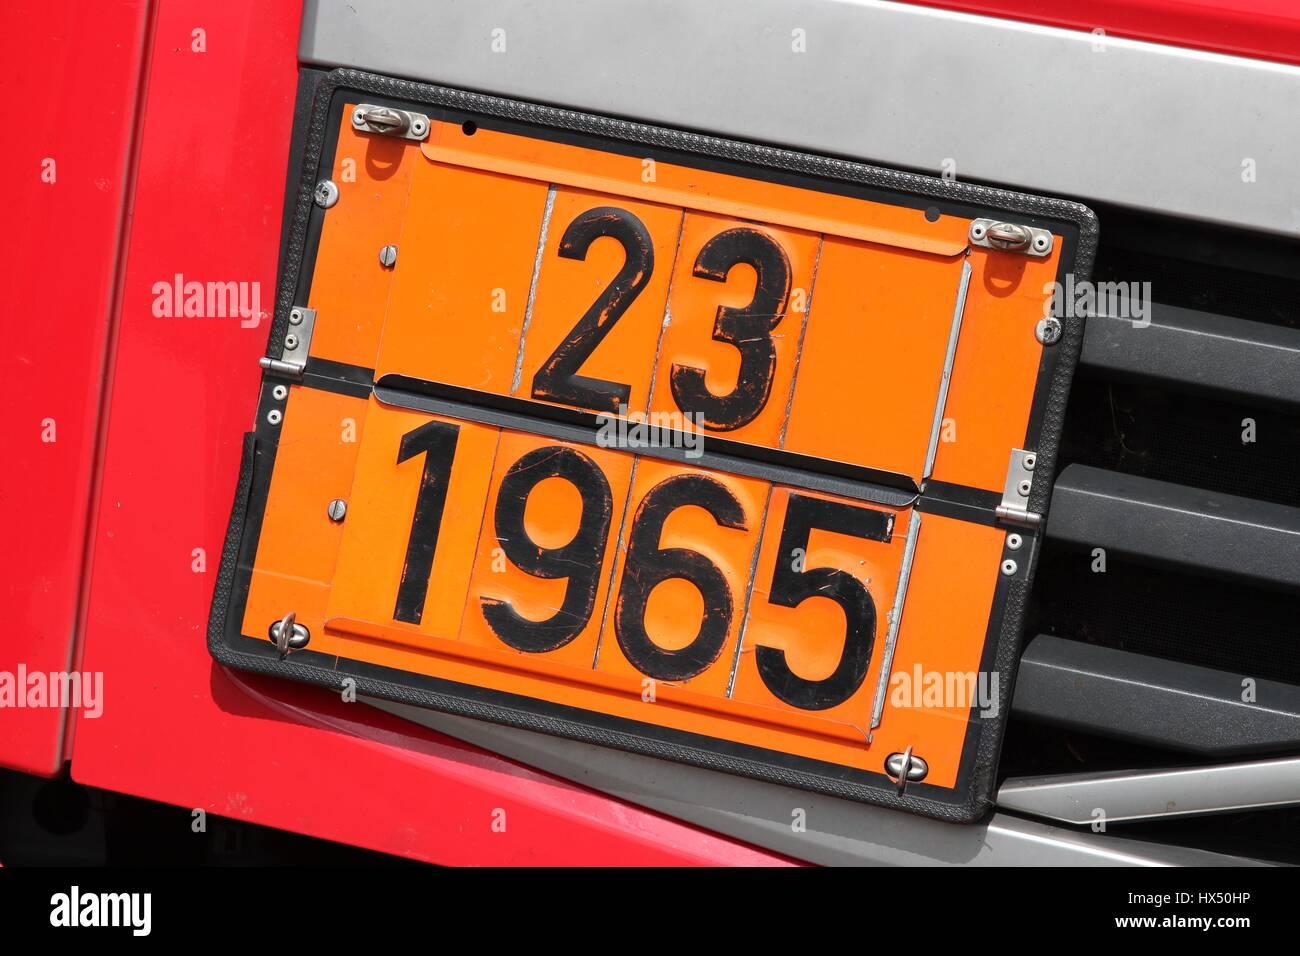 Orange Farbige Teller Mit Gefahr Id Nummer 23 Und Un Nummer 1965